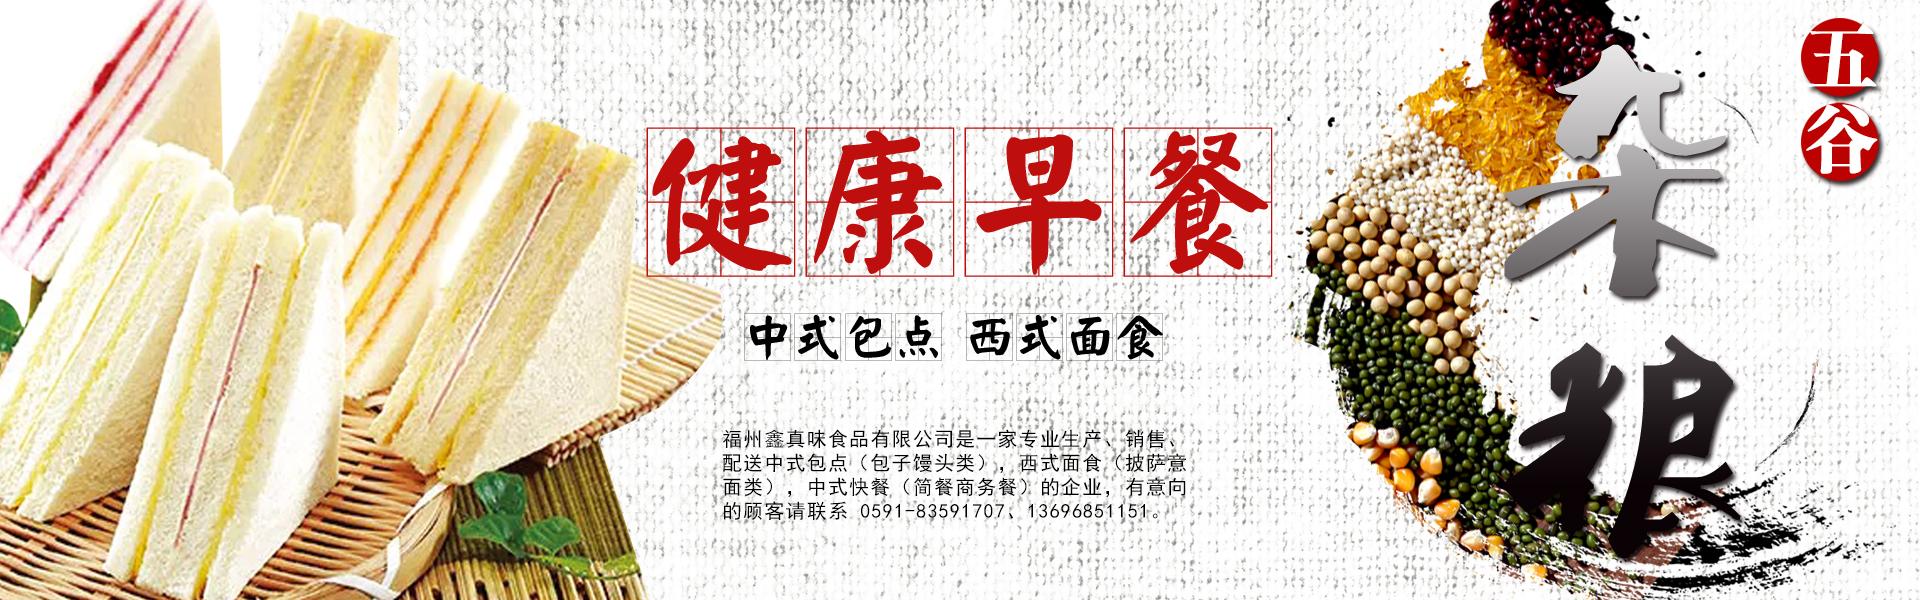 福州鑫真味食品有限公司